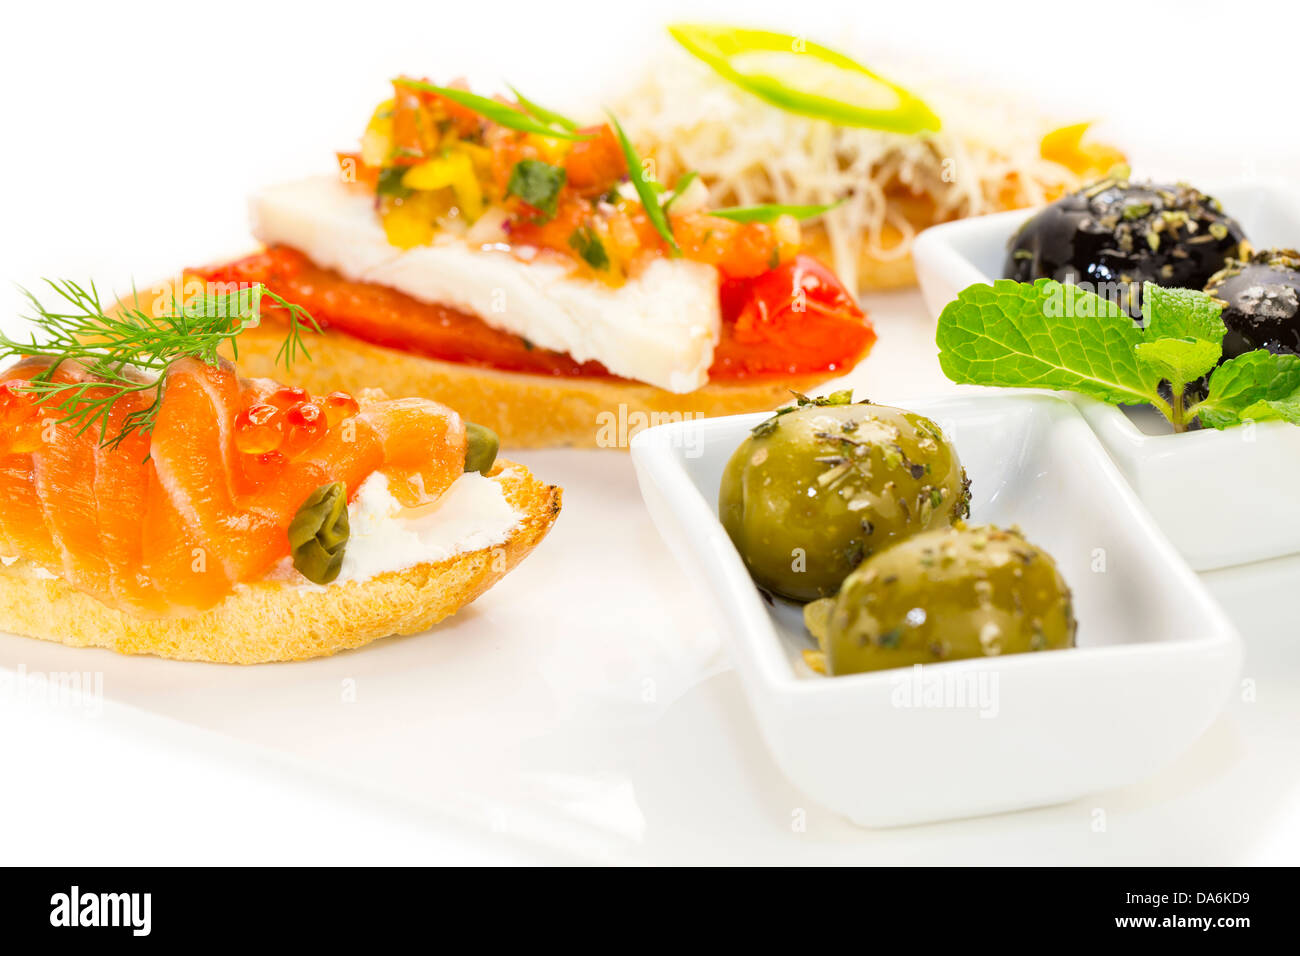 Spanische Sandwiches Meeresfrüchten bis hin zu Wein und Käse Gemüse Stockbild